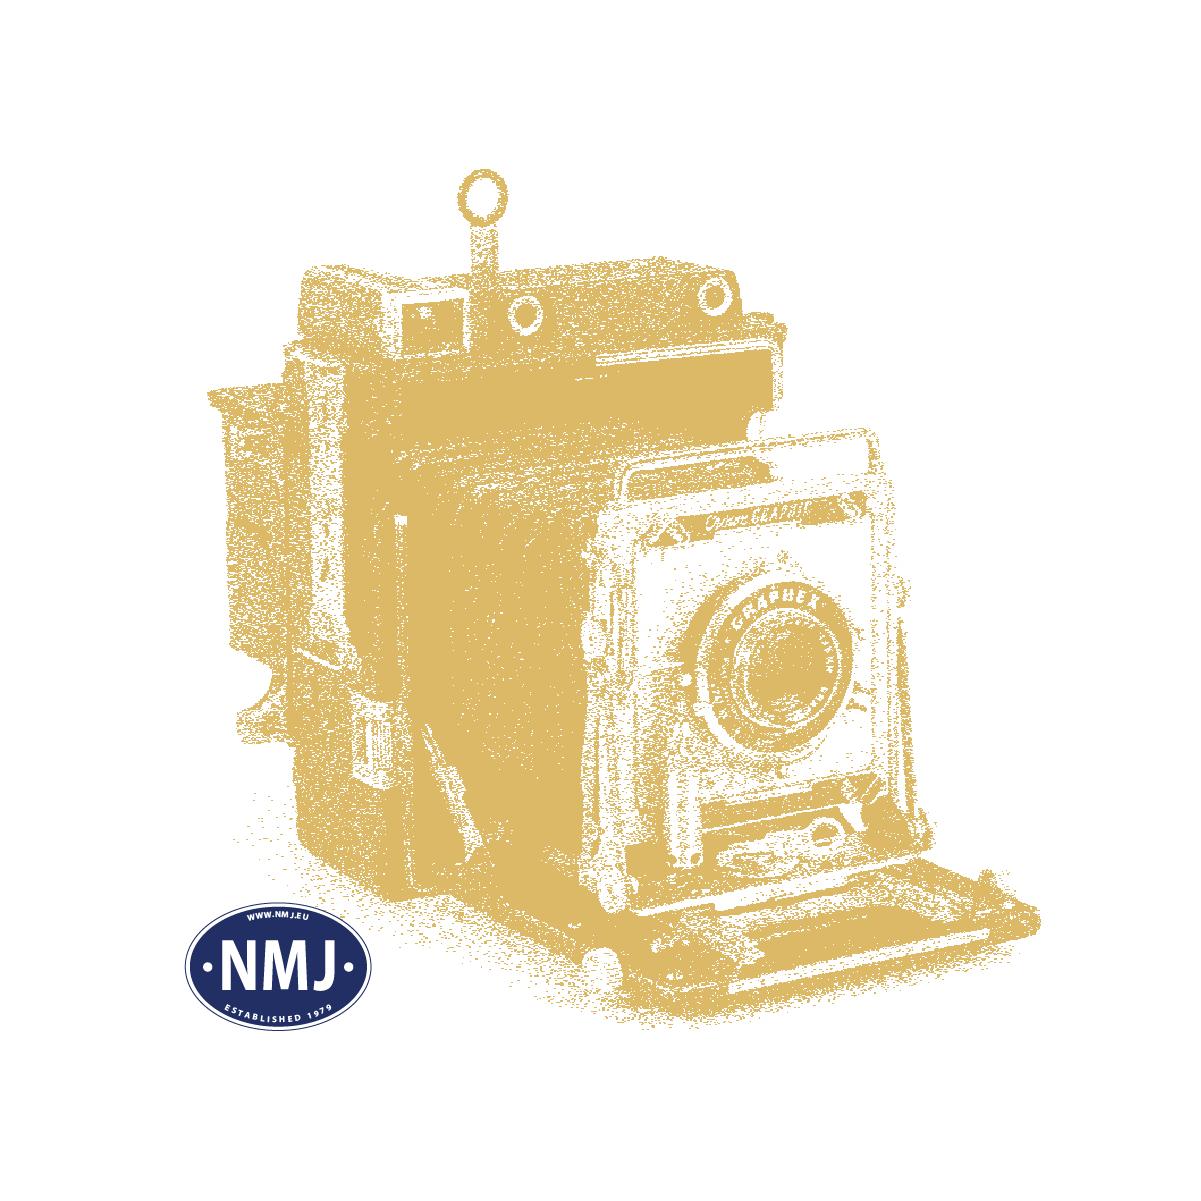 NJKSL13 - Skinnelangs 2013, railroadbook